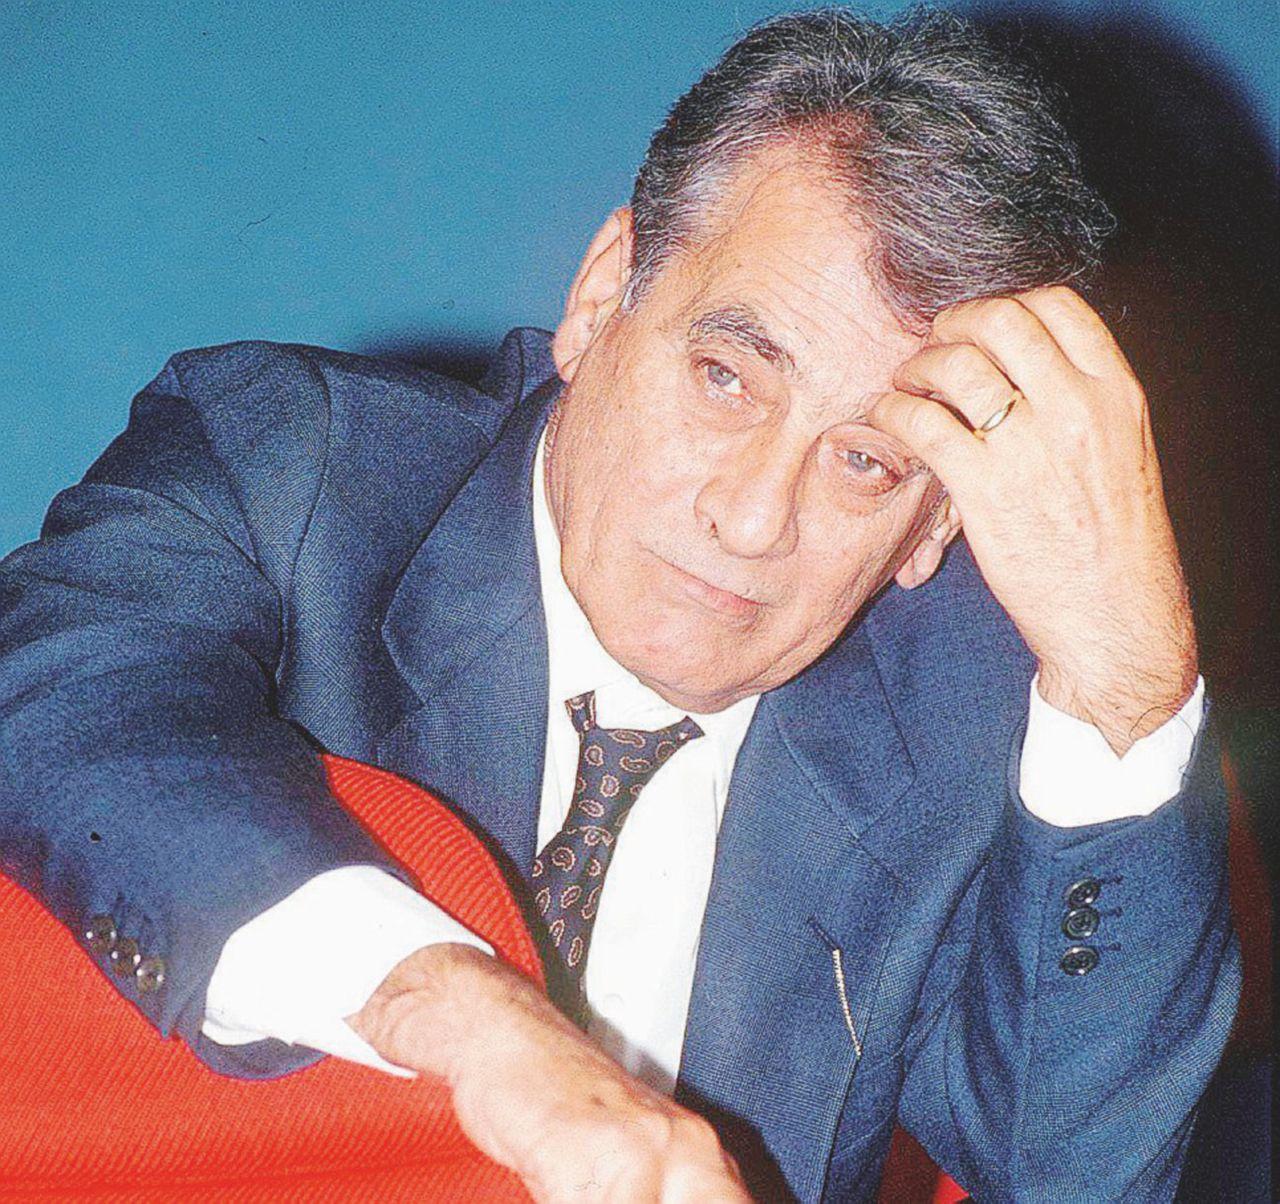 Morto Squillante, il giudice amico di Craxi, Previti e B.